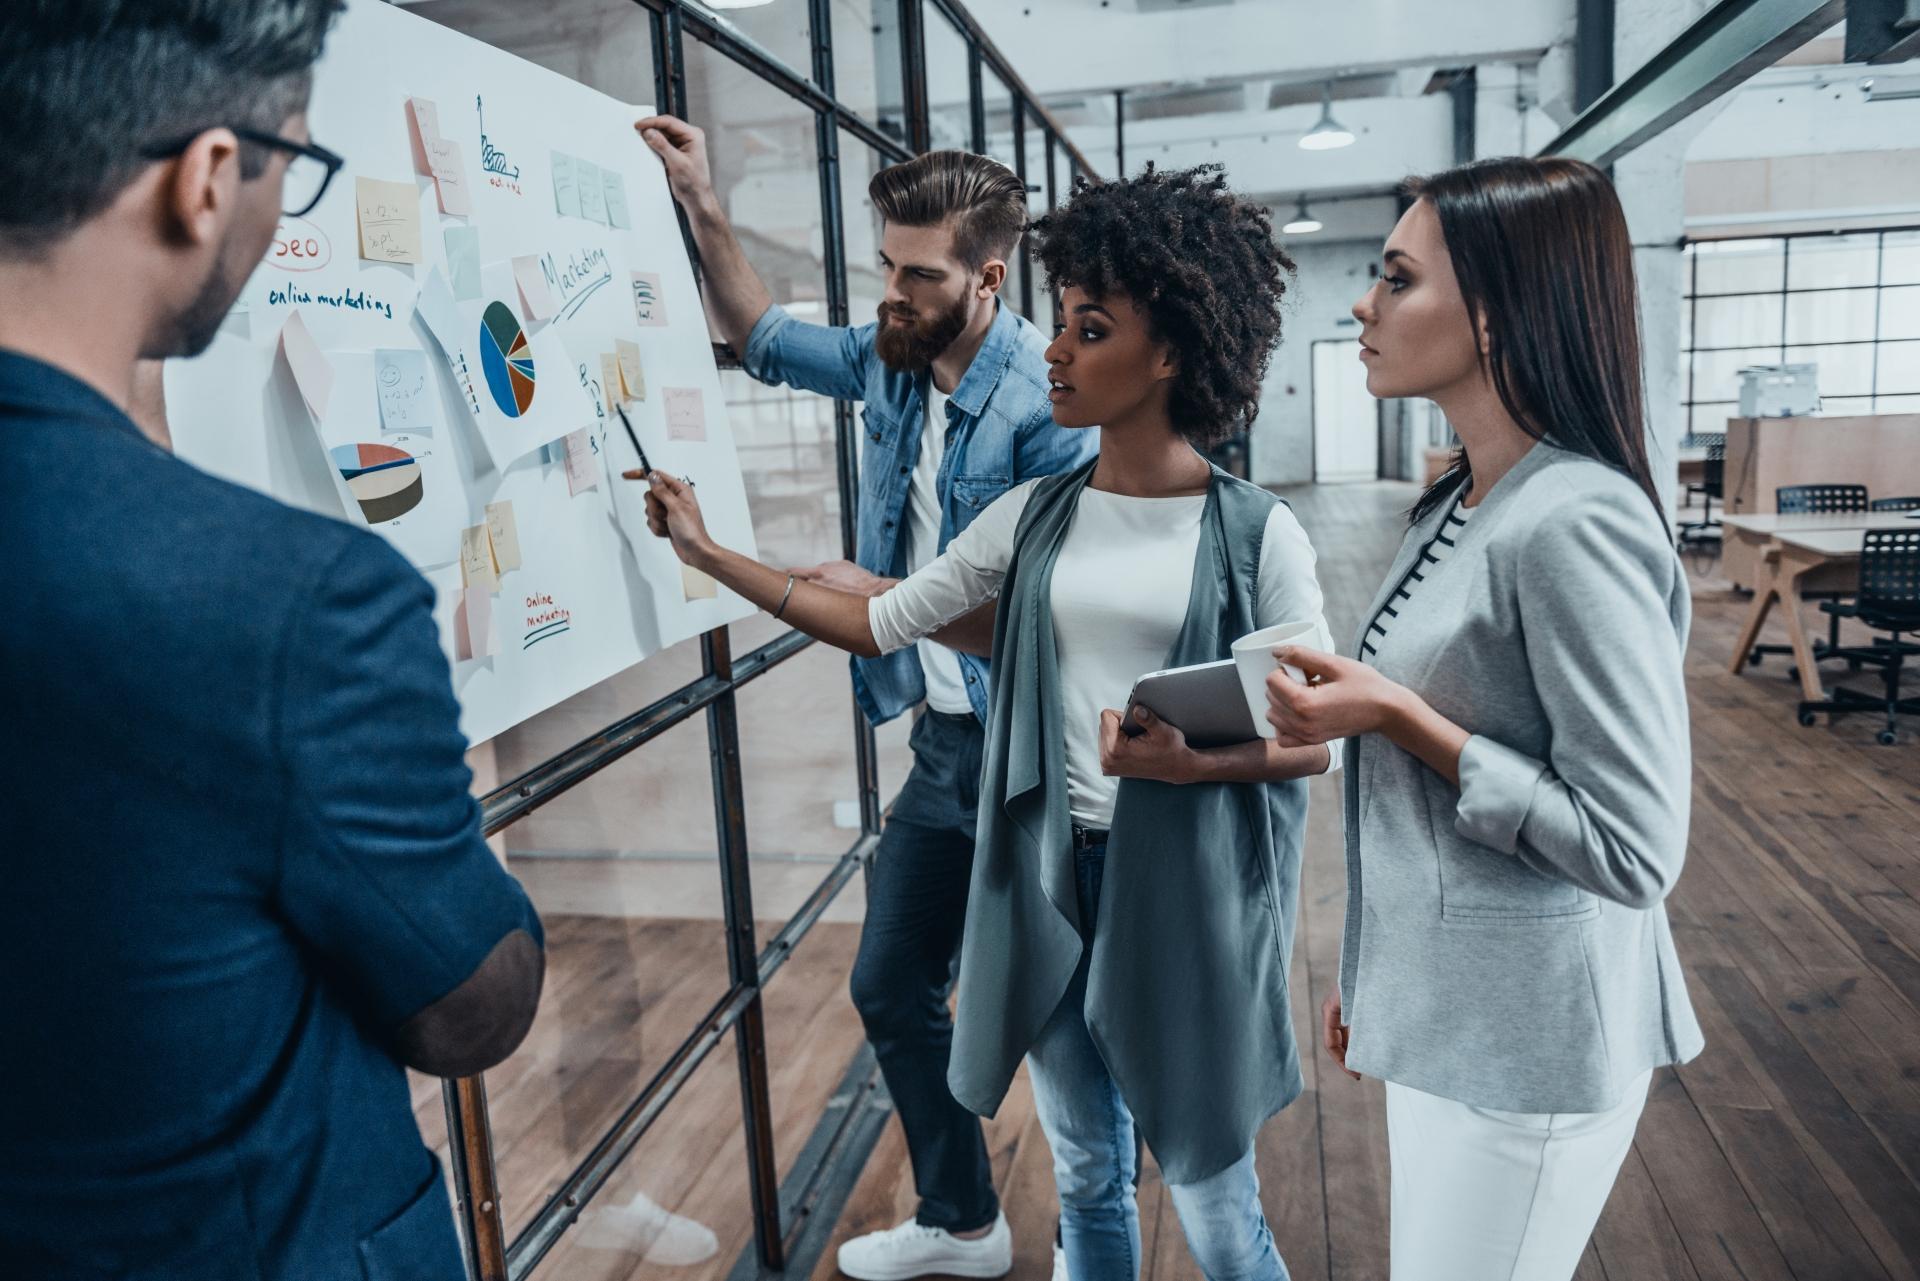 tudo o que você precisa saber para uma gestão de projetos eficiente